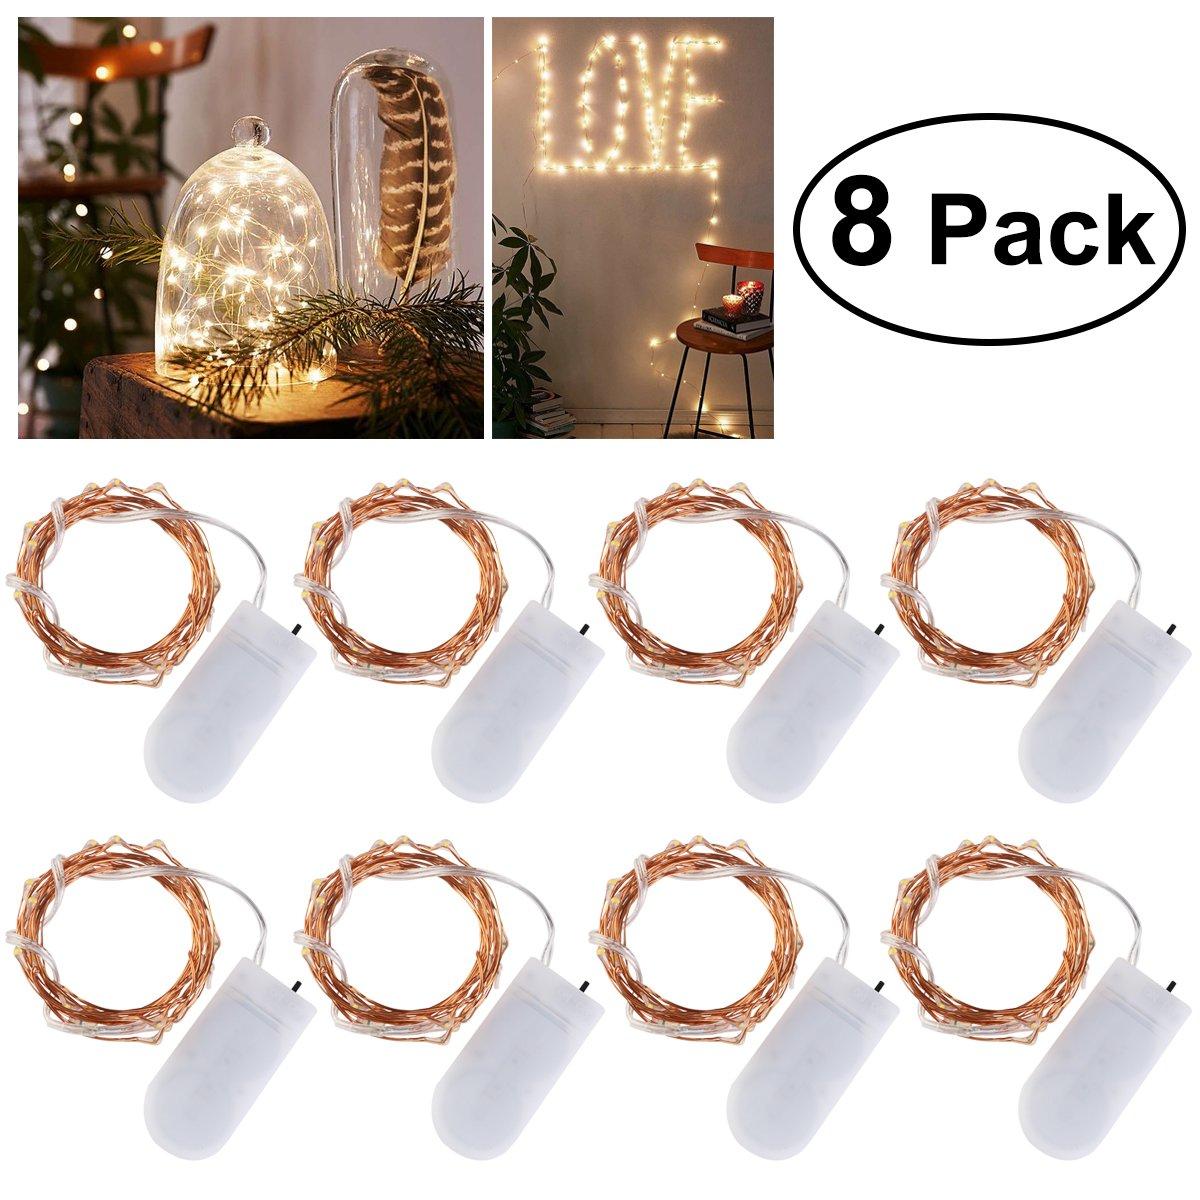 Ledmomo Lot de 8guirlandes lumineuses de 20micro-LED blanc chaud 2m Piles fournies